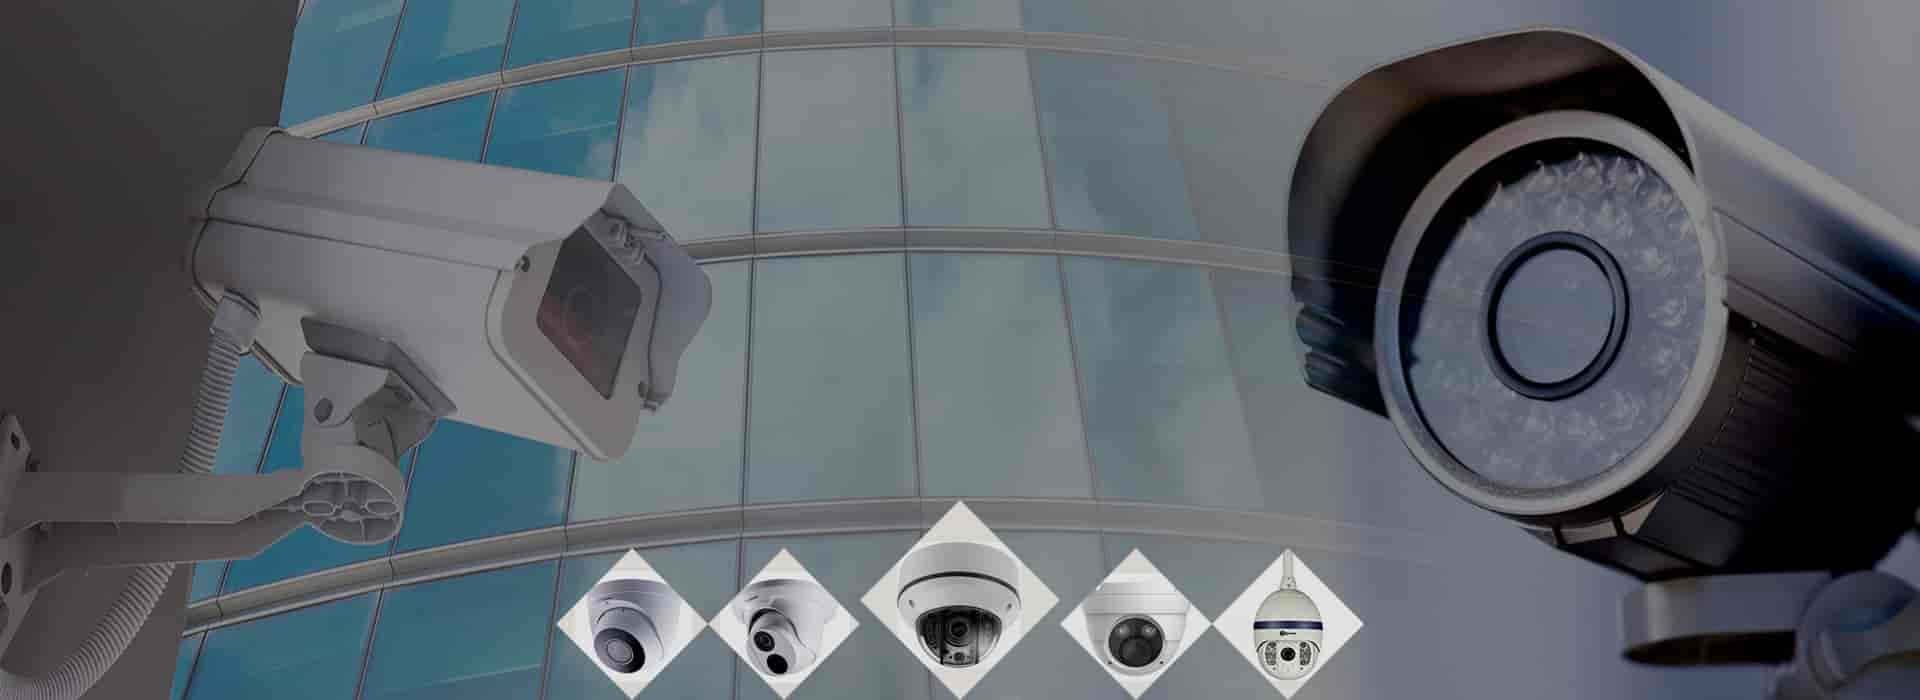 IP Cameras Installation Los Angeles